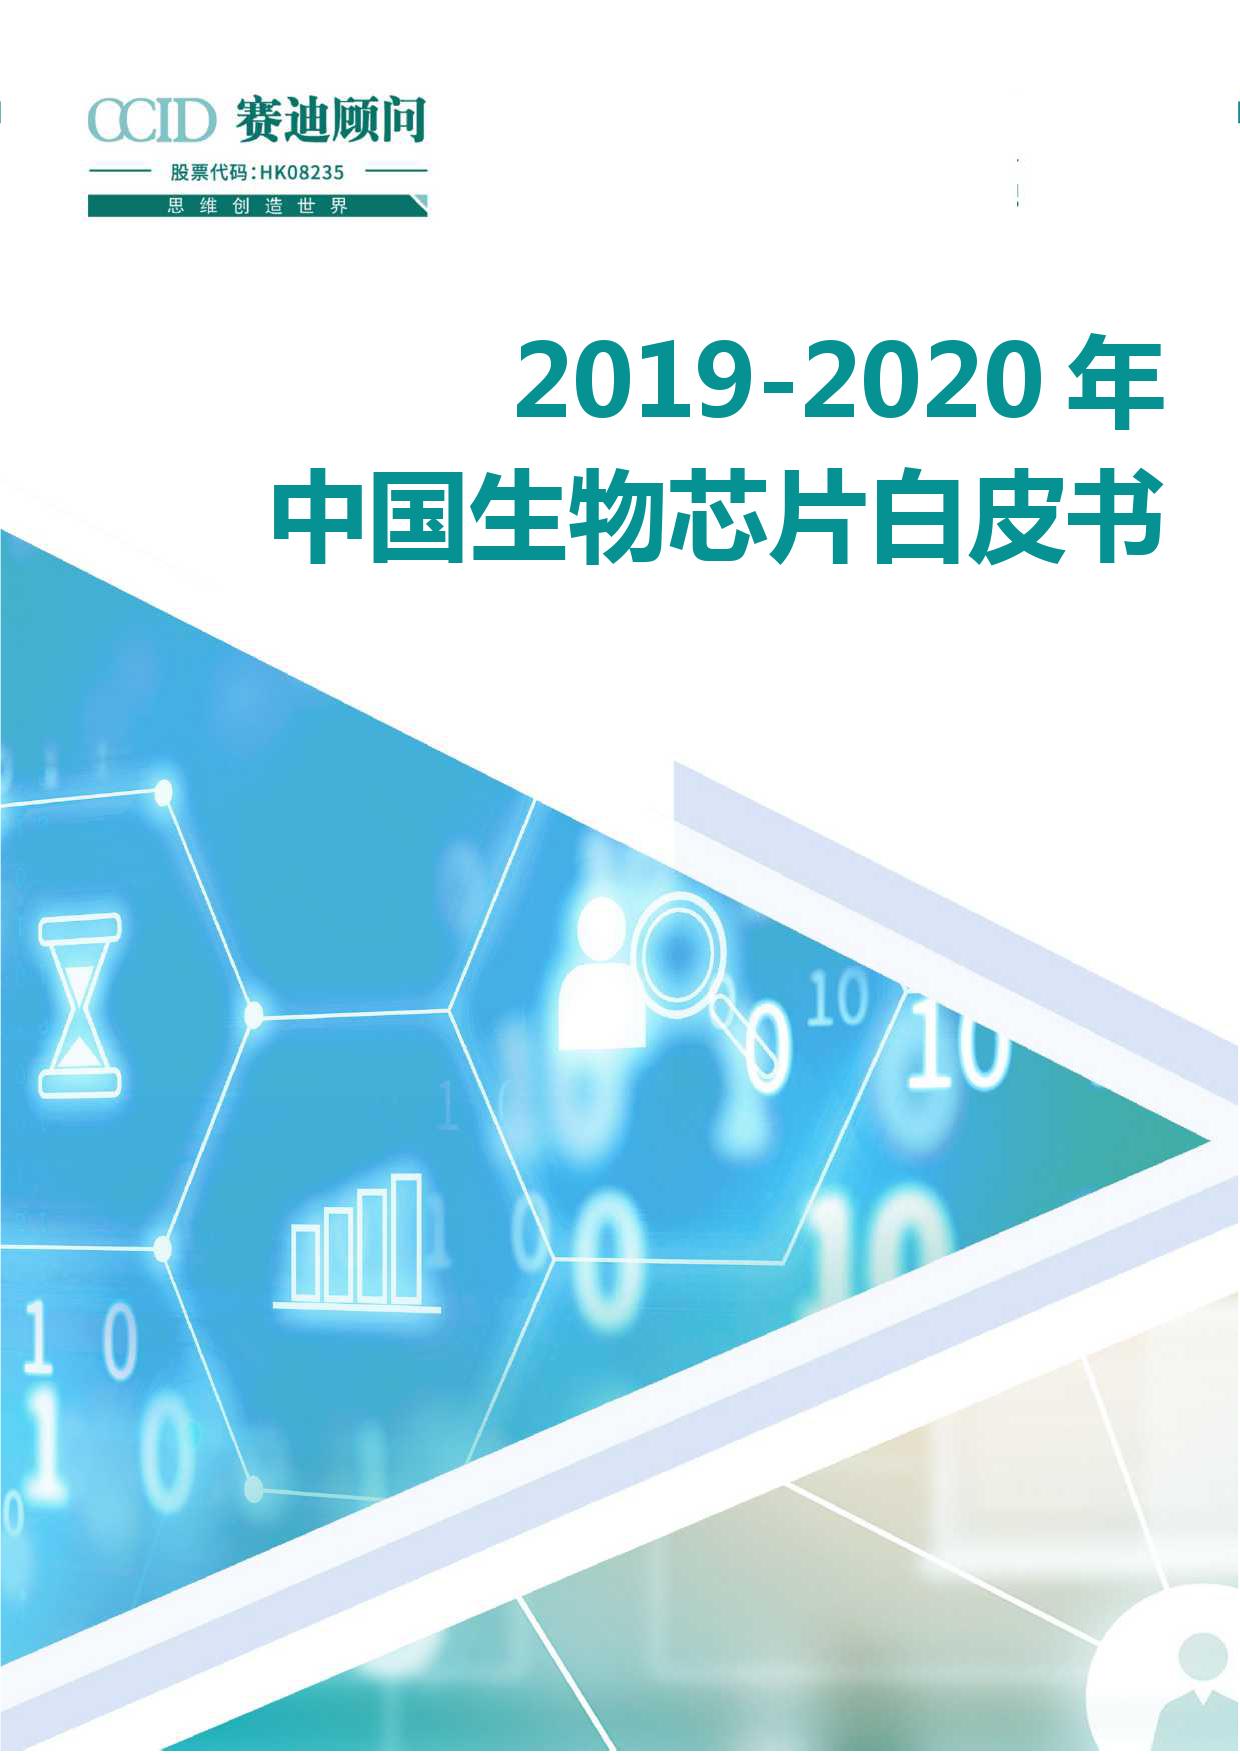 赛迪顾问:2019-2020年中国生物芯片白皮书